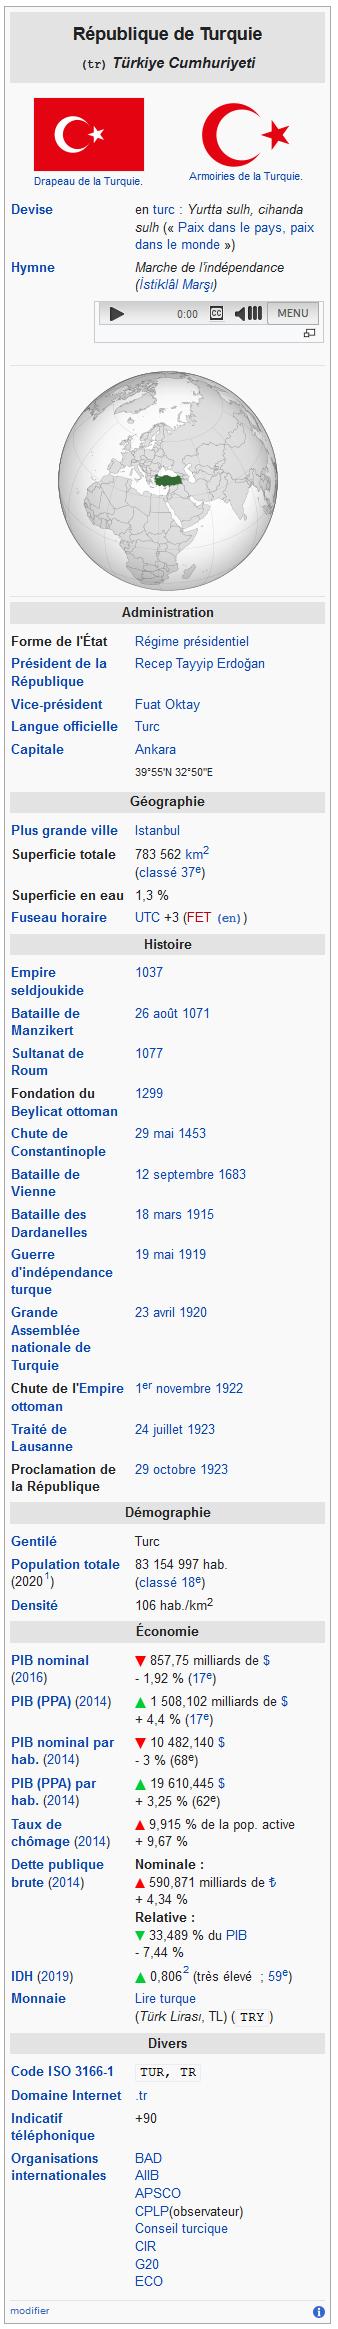 Screenshot_2020-05-17 Turquie — Wikipédi